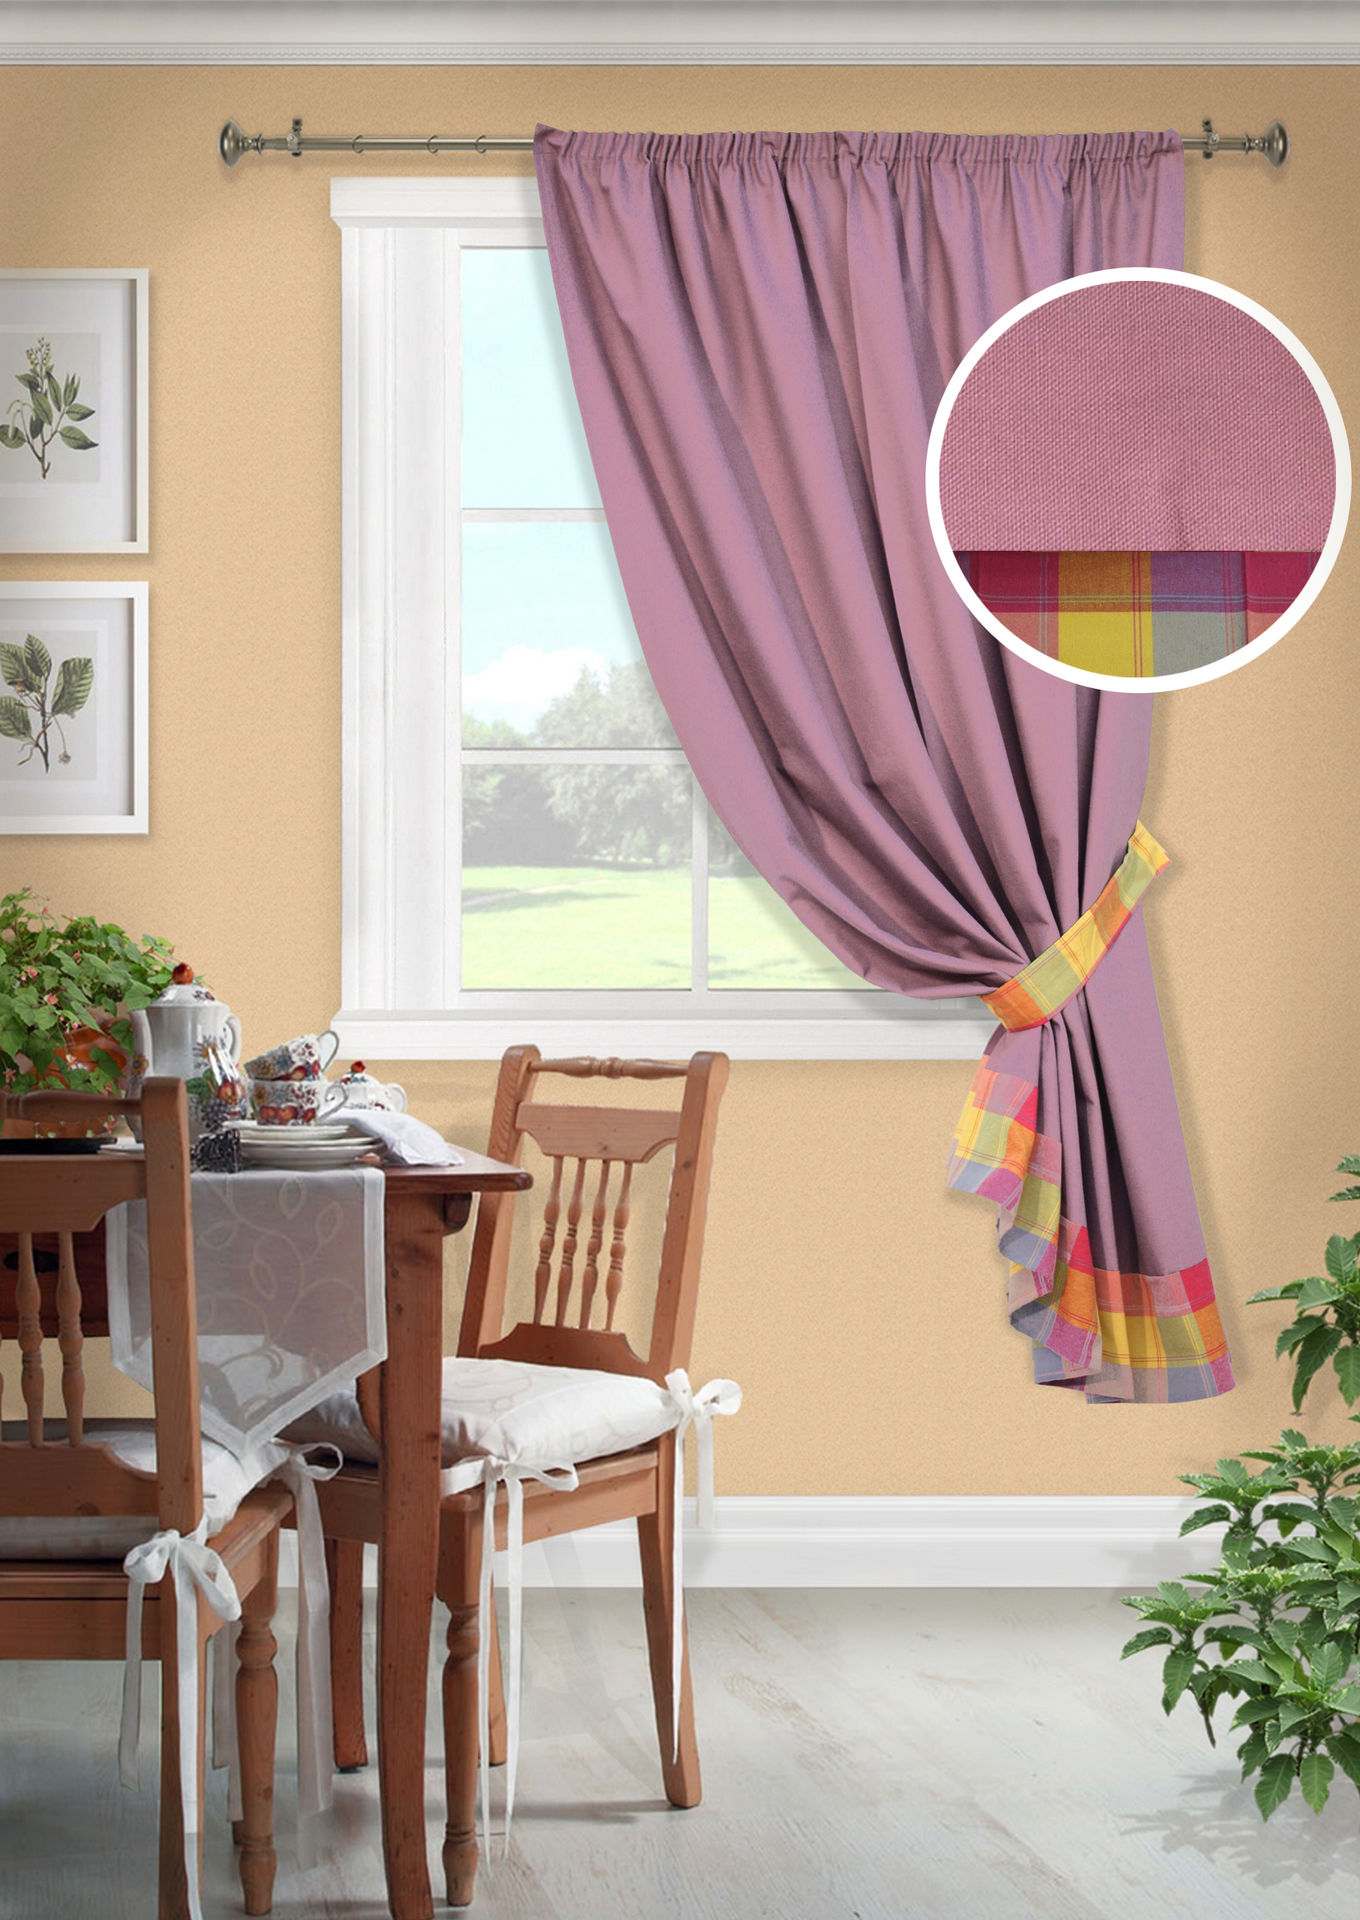 Шторы Kauffort Классические шторы Monpasie Цвет: Фиолетовый шторы kauffort классические шторы montana xl цвет фиолетовый желтый